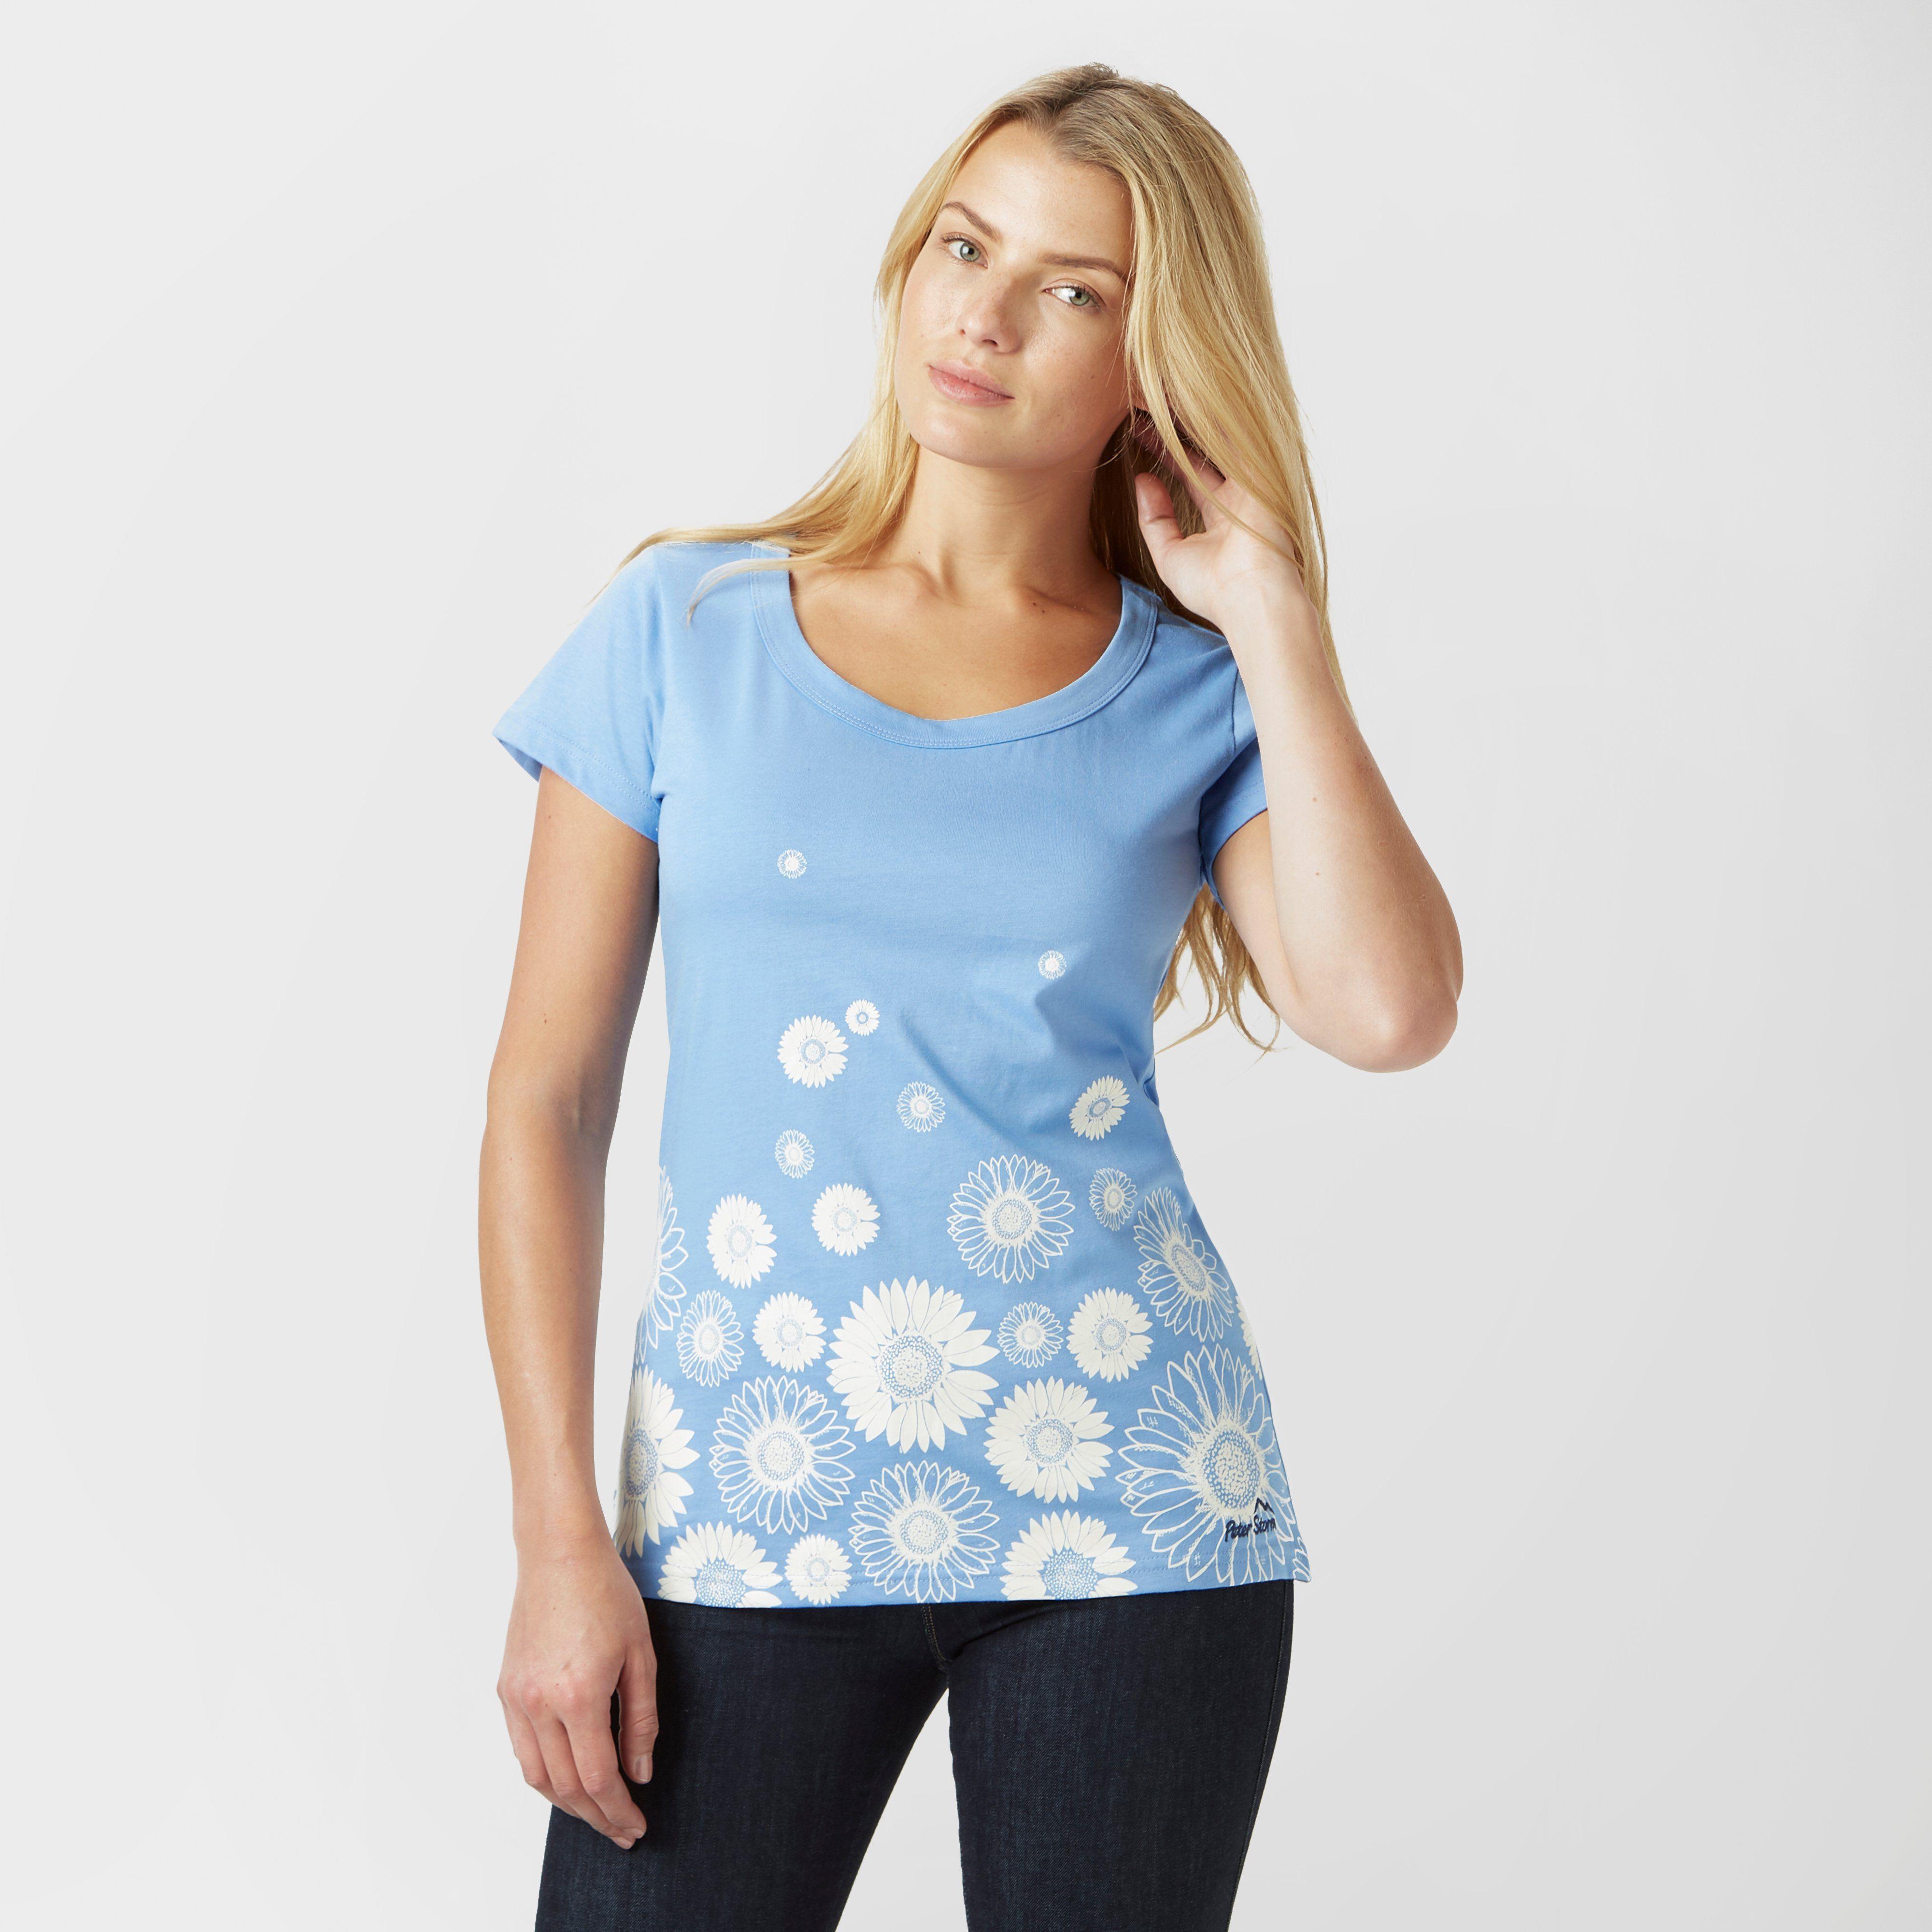 PETER STORM Women's Border DaisyT-Shirt